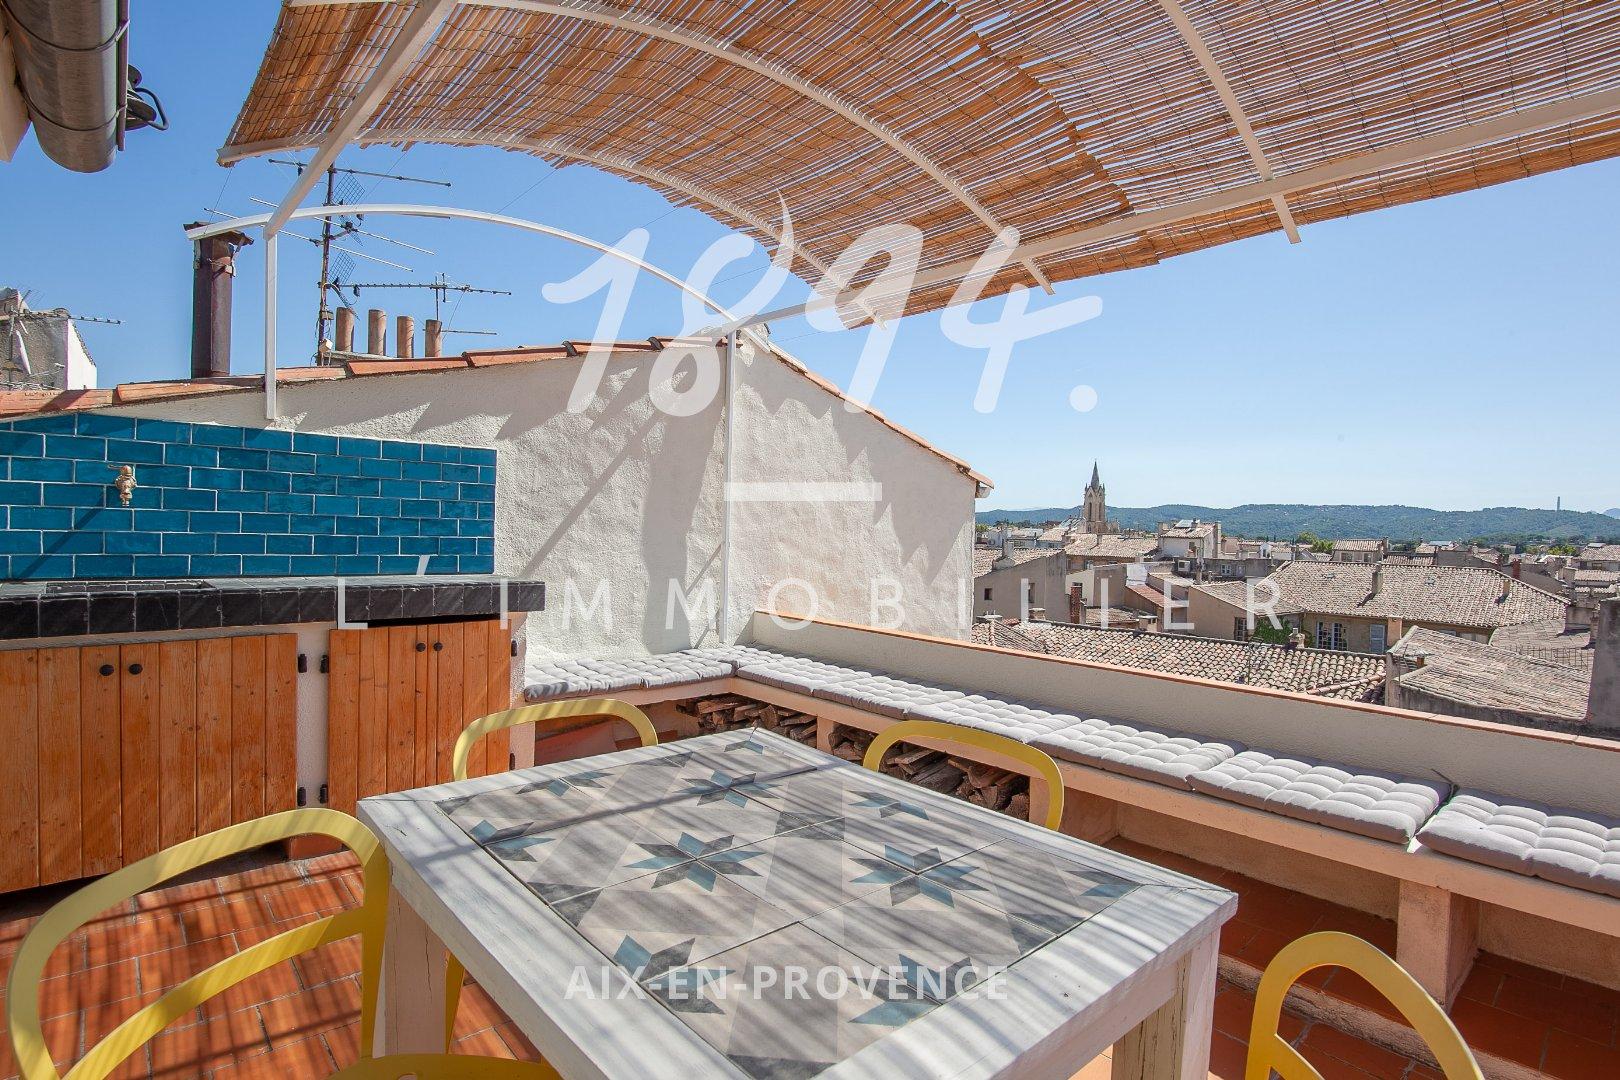 Triplex de type 3/4 de 82m² en denier étage avec terrasse plein ciel